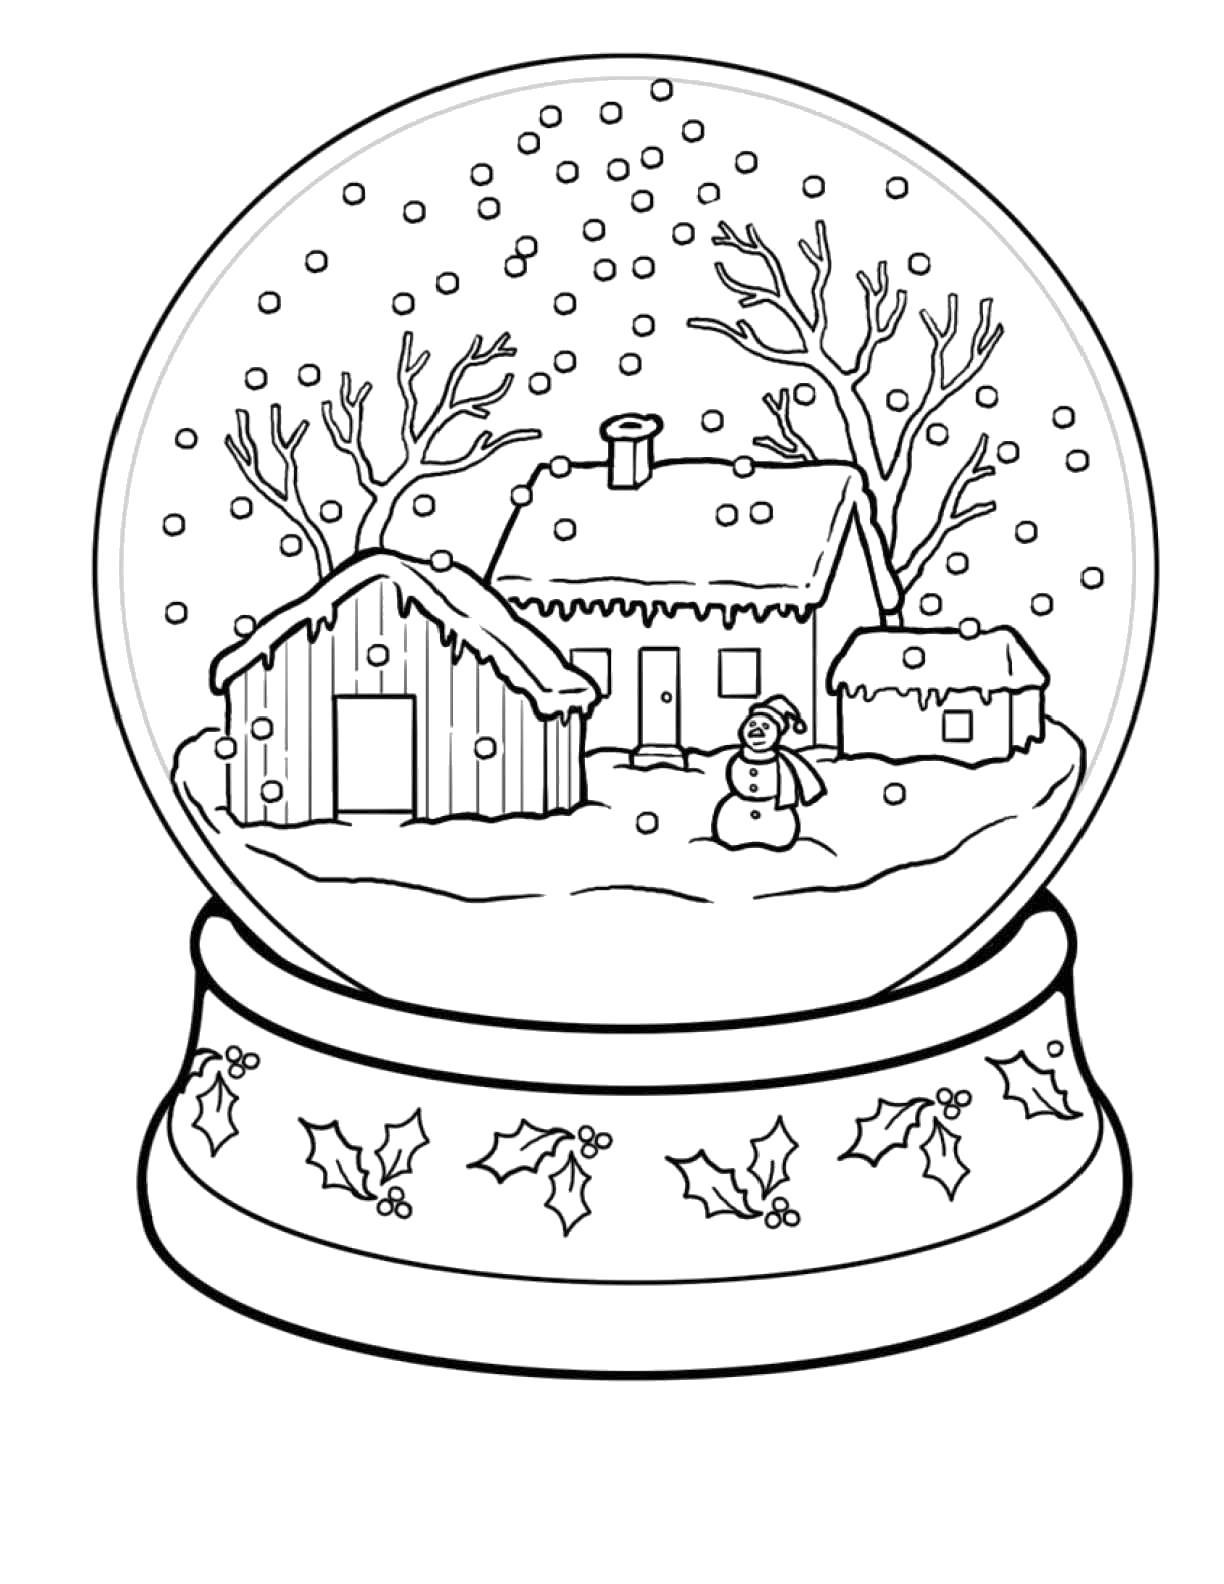 Название: Раскраска снежный шар. Категория: . Теги: .